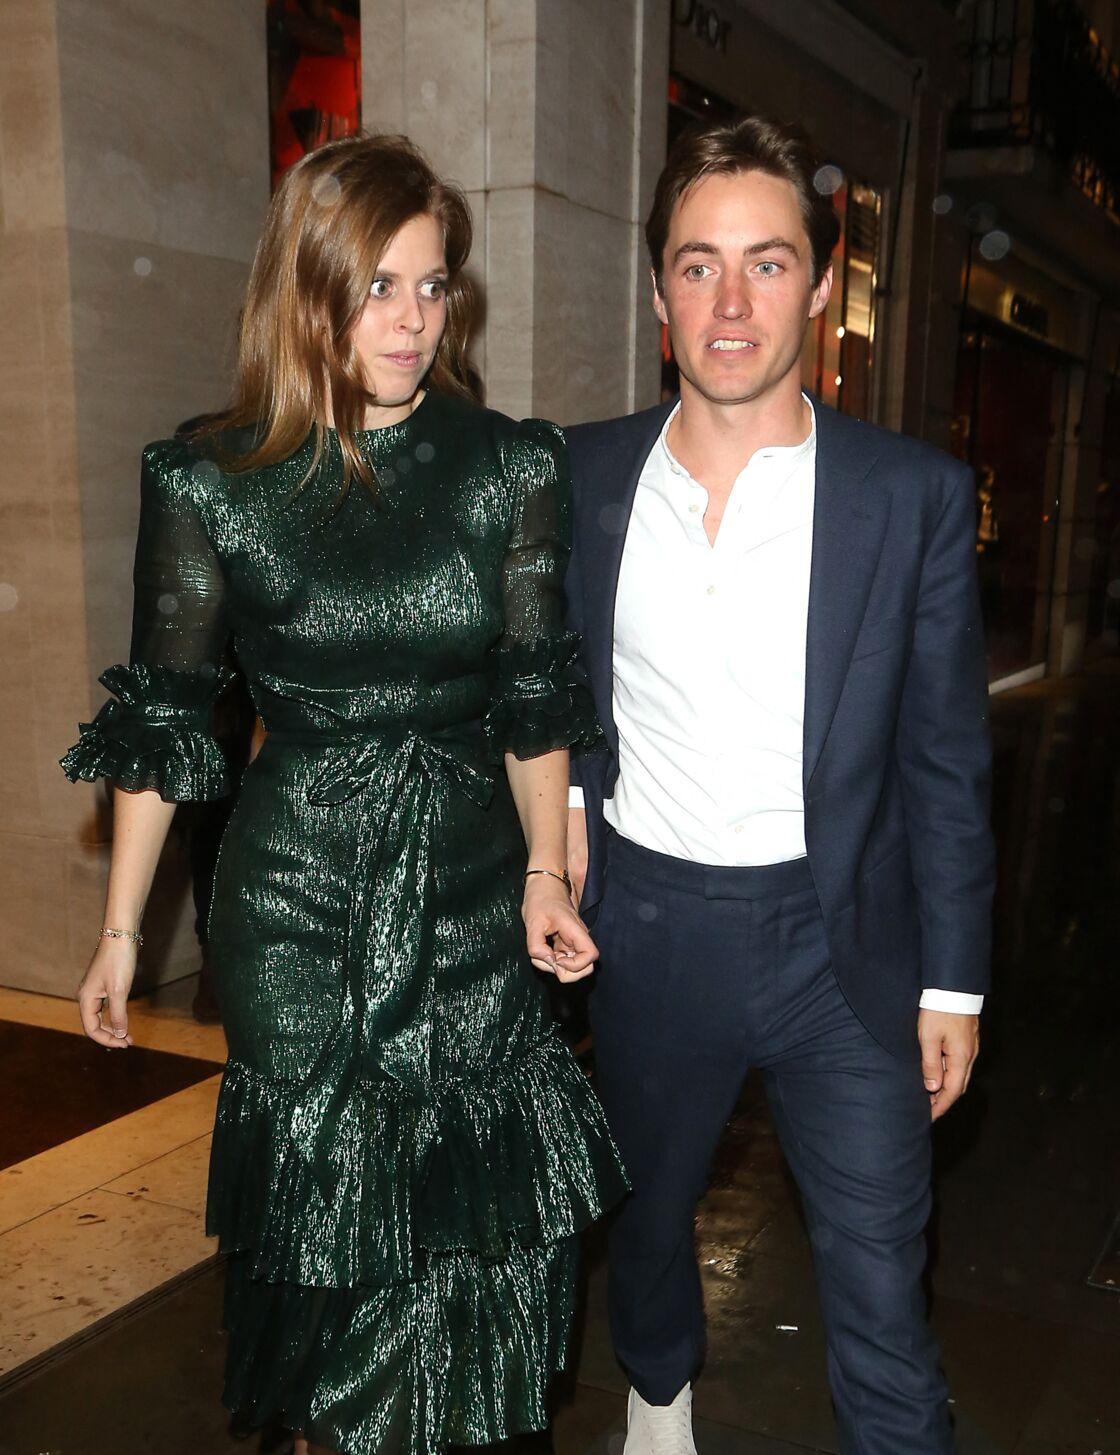 La princesse Beatrice et Edoardo Mapelli Mozzi se sont mariés en secret le vendredi 17 juillet 2020